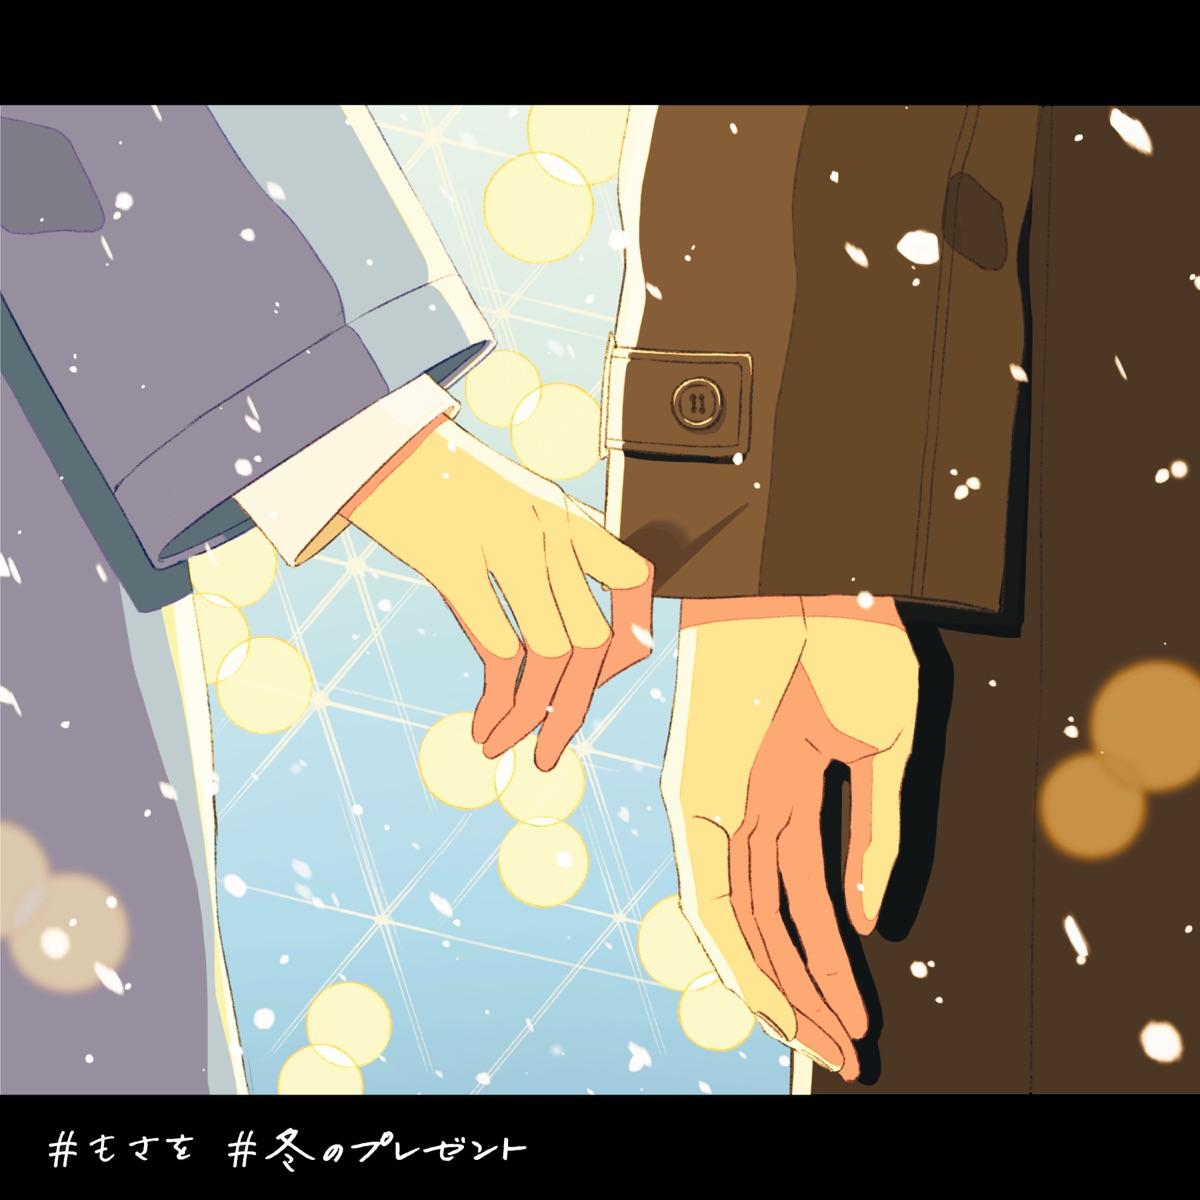 『もさを。 - 冬のプレゼント 歌詞』収録の『冬のプレゼント』ジャケット